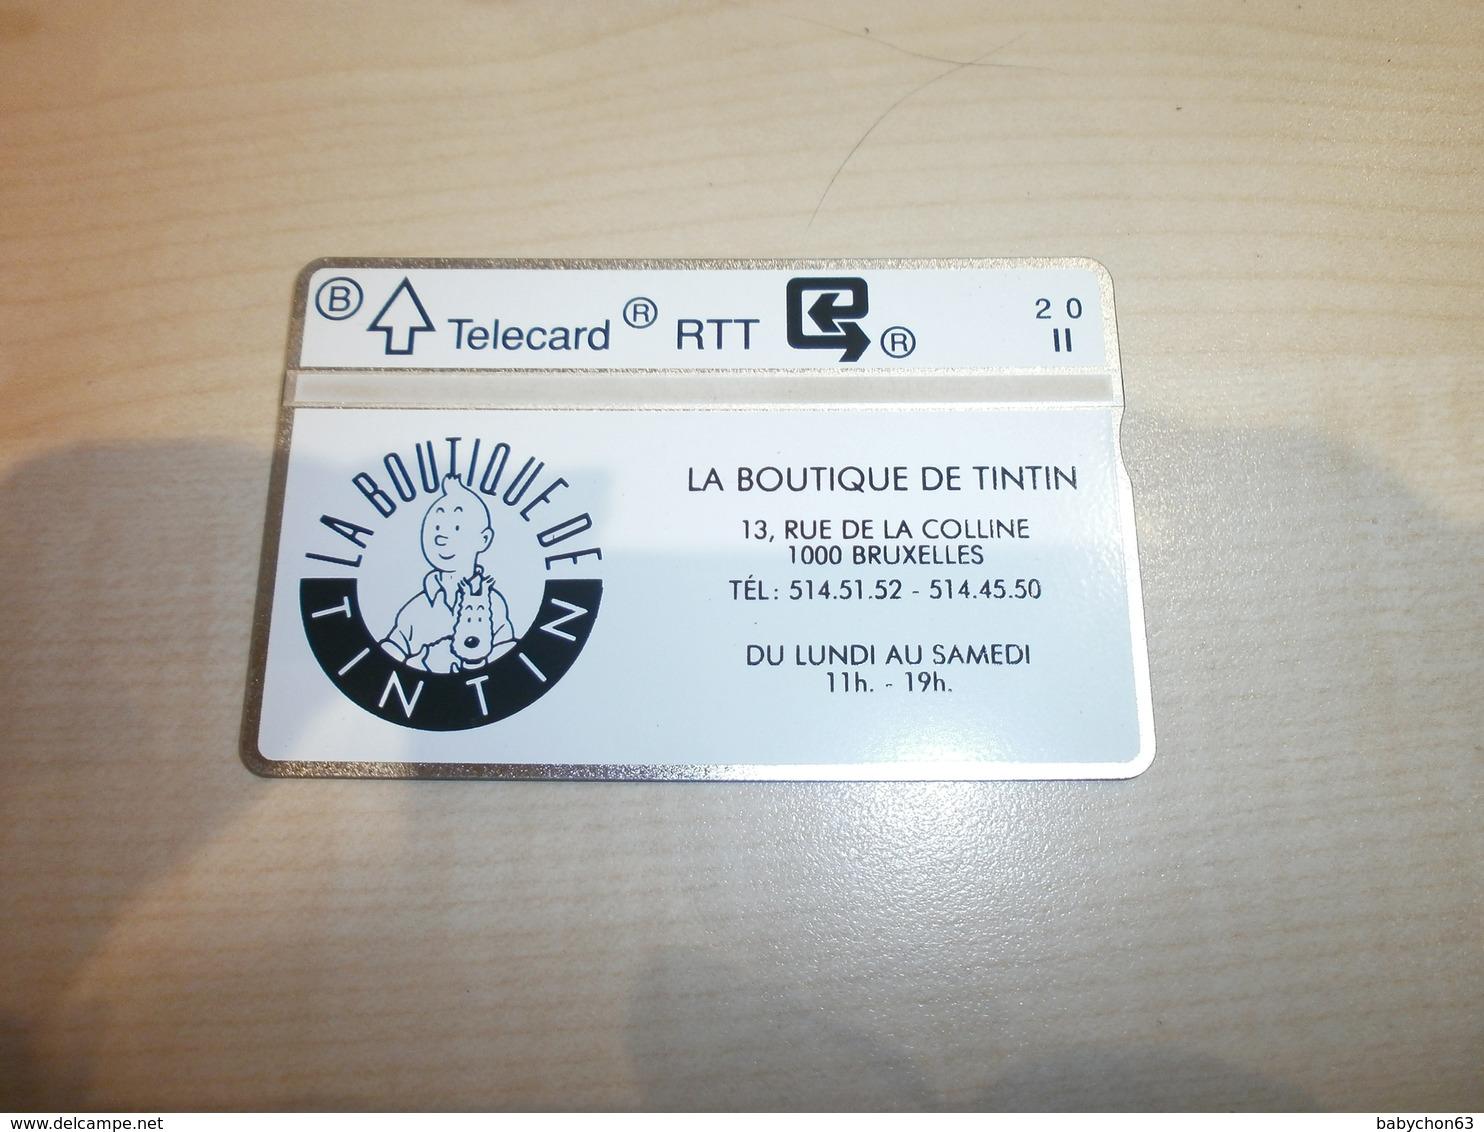 Télécarte Ancienne RTT   Publicité  La Boutique De TINTIN     1000 BRUXELLES - BD